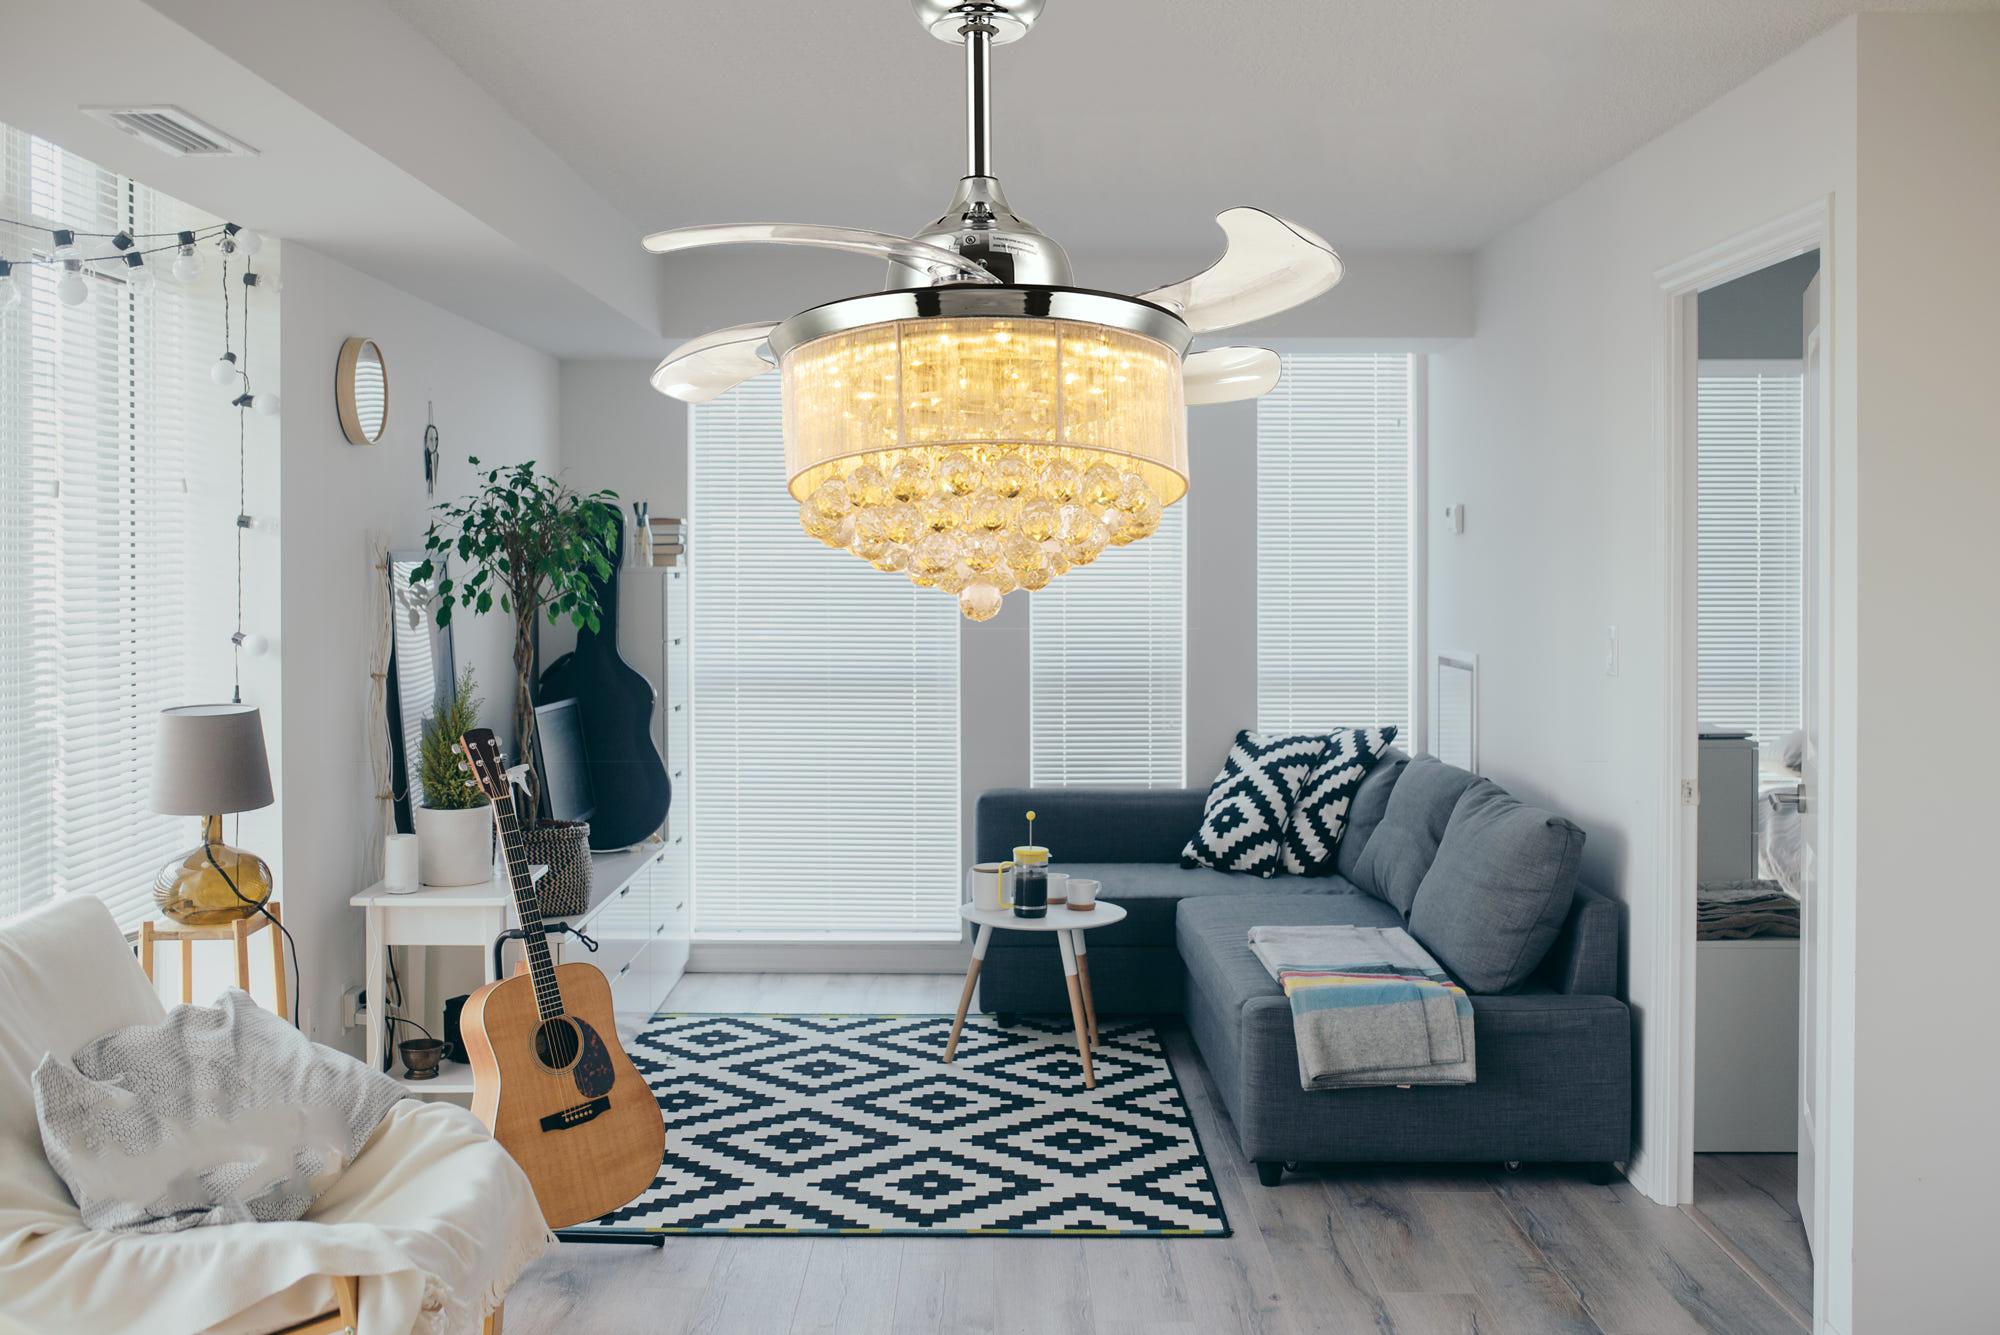 44++ Living room chandelier with fan ideas